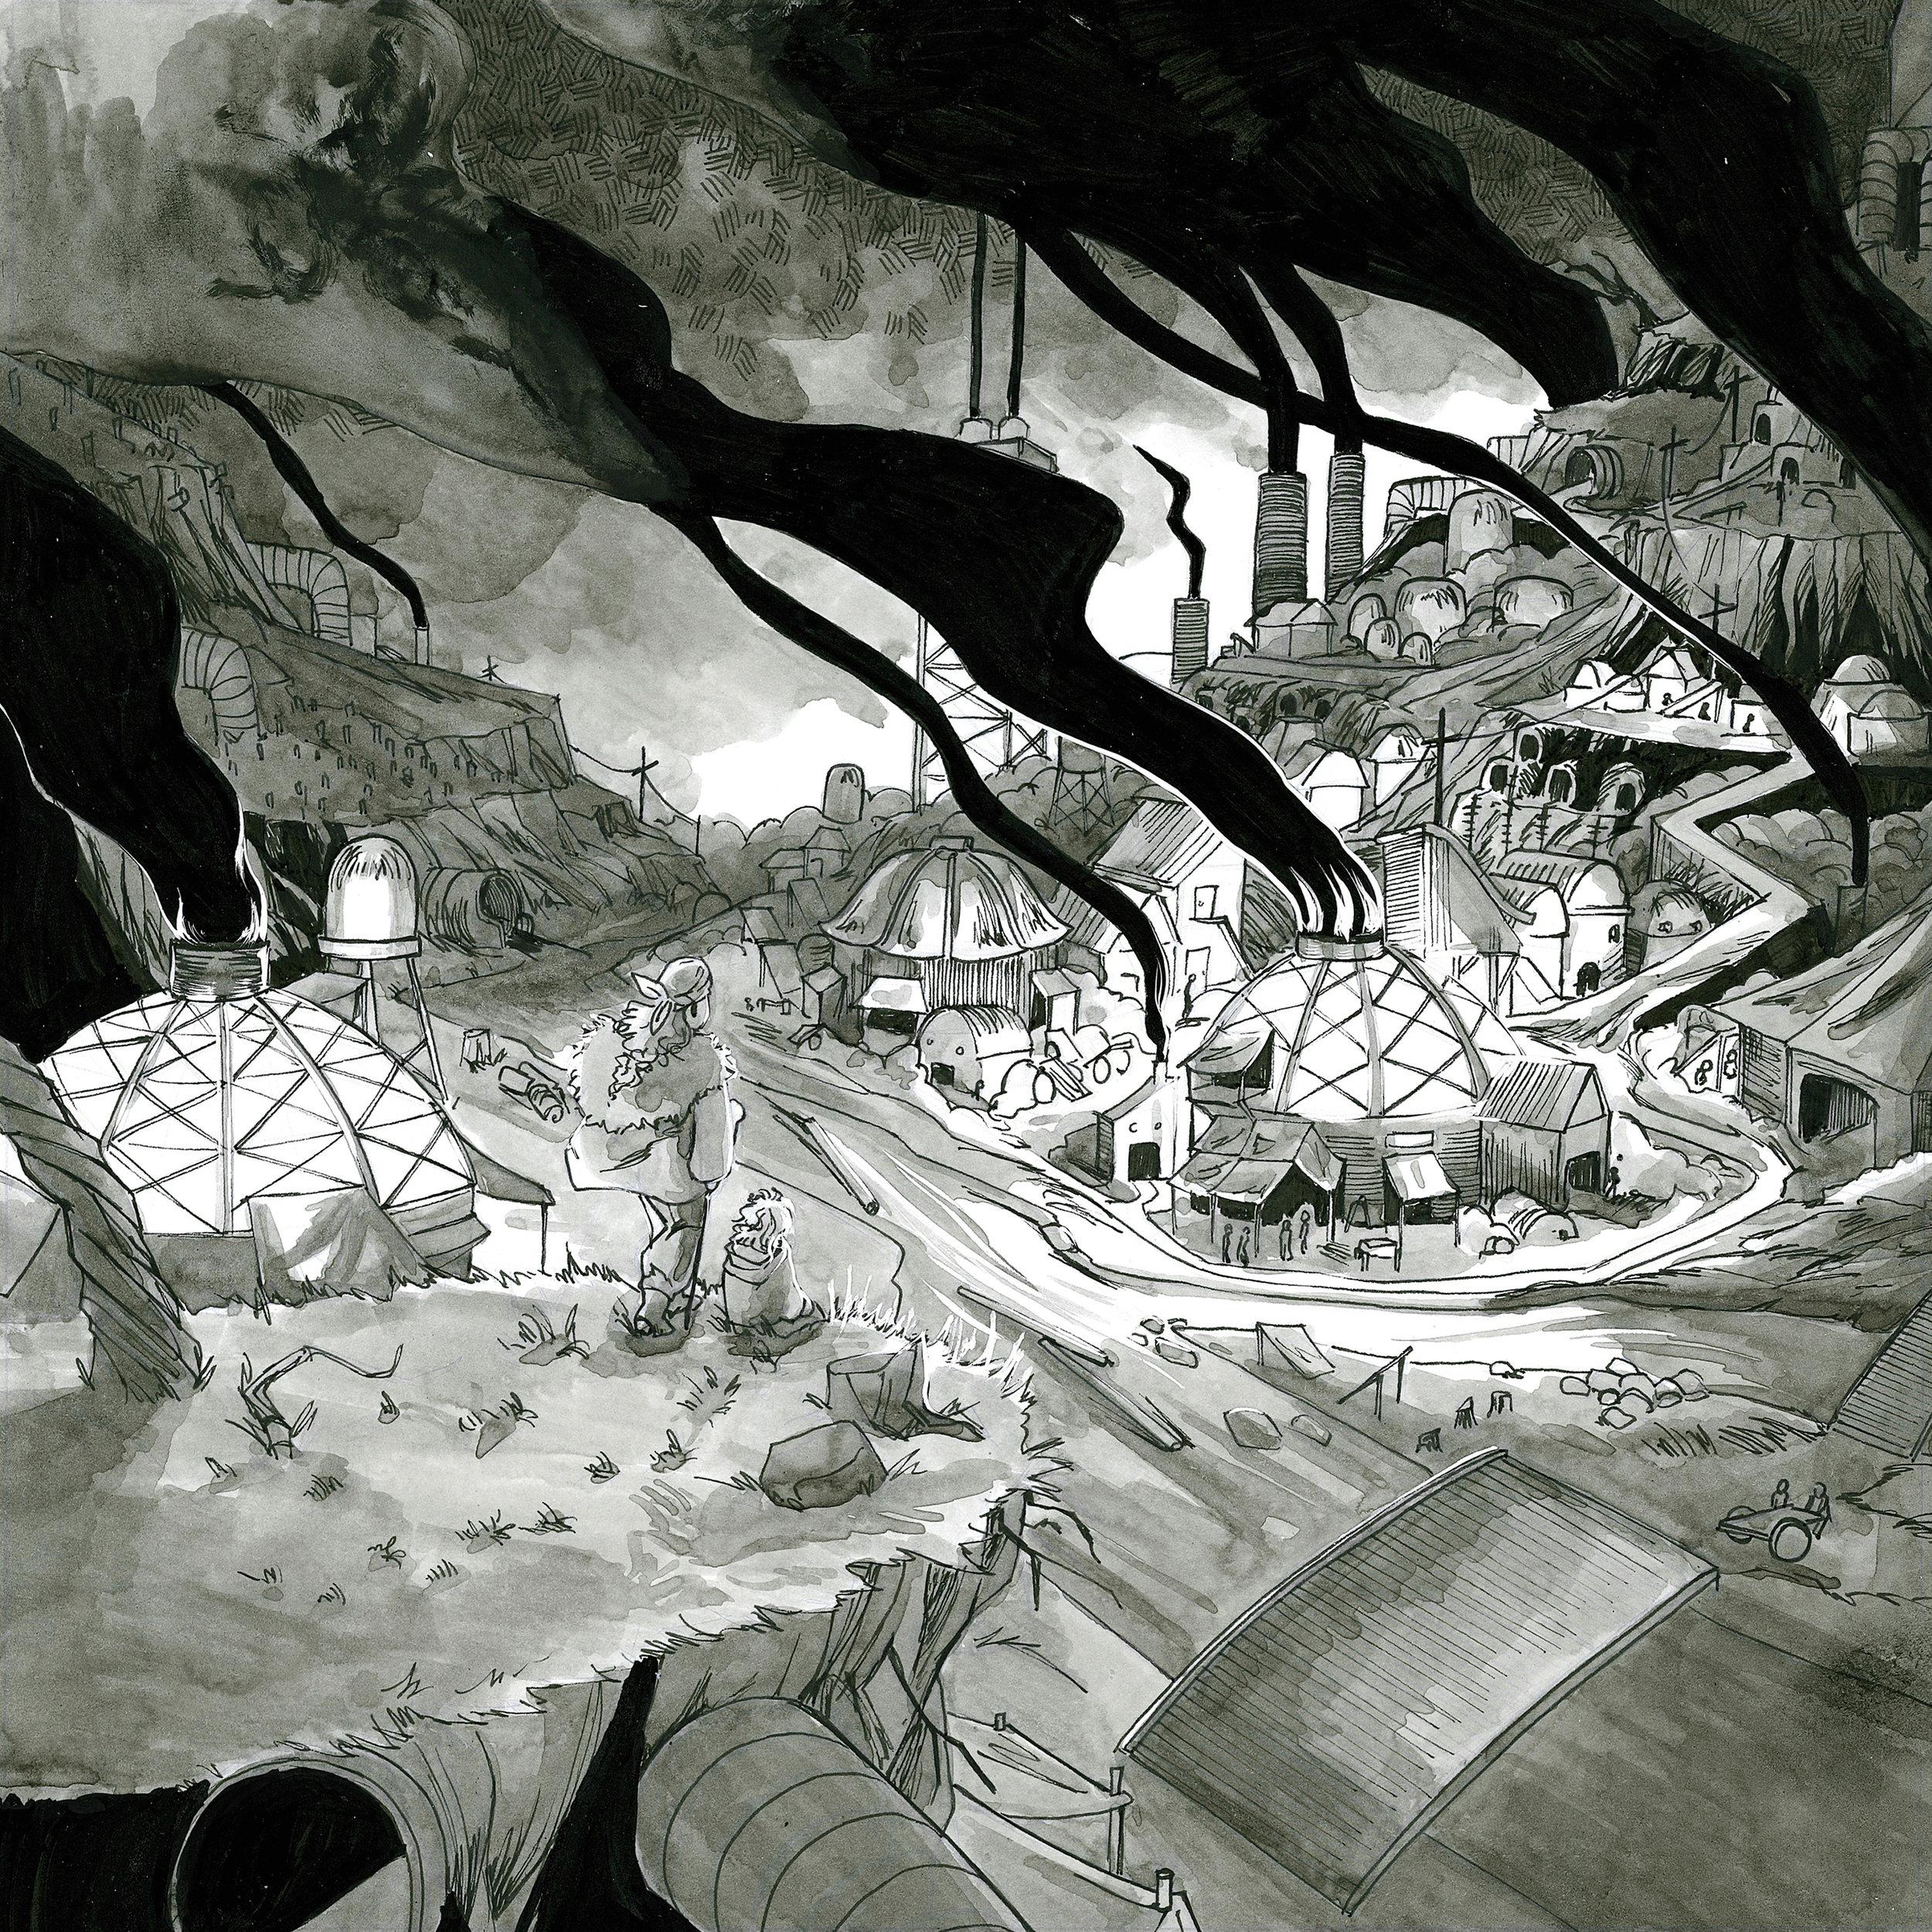 Illustration by Minerva Fox